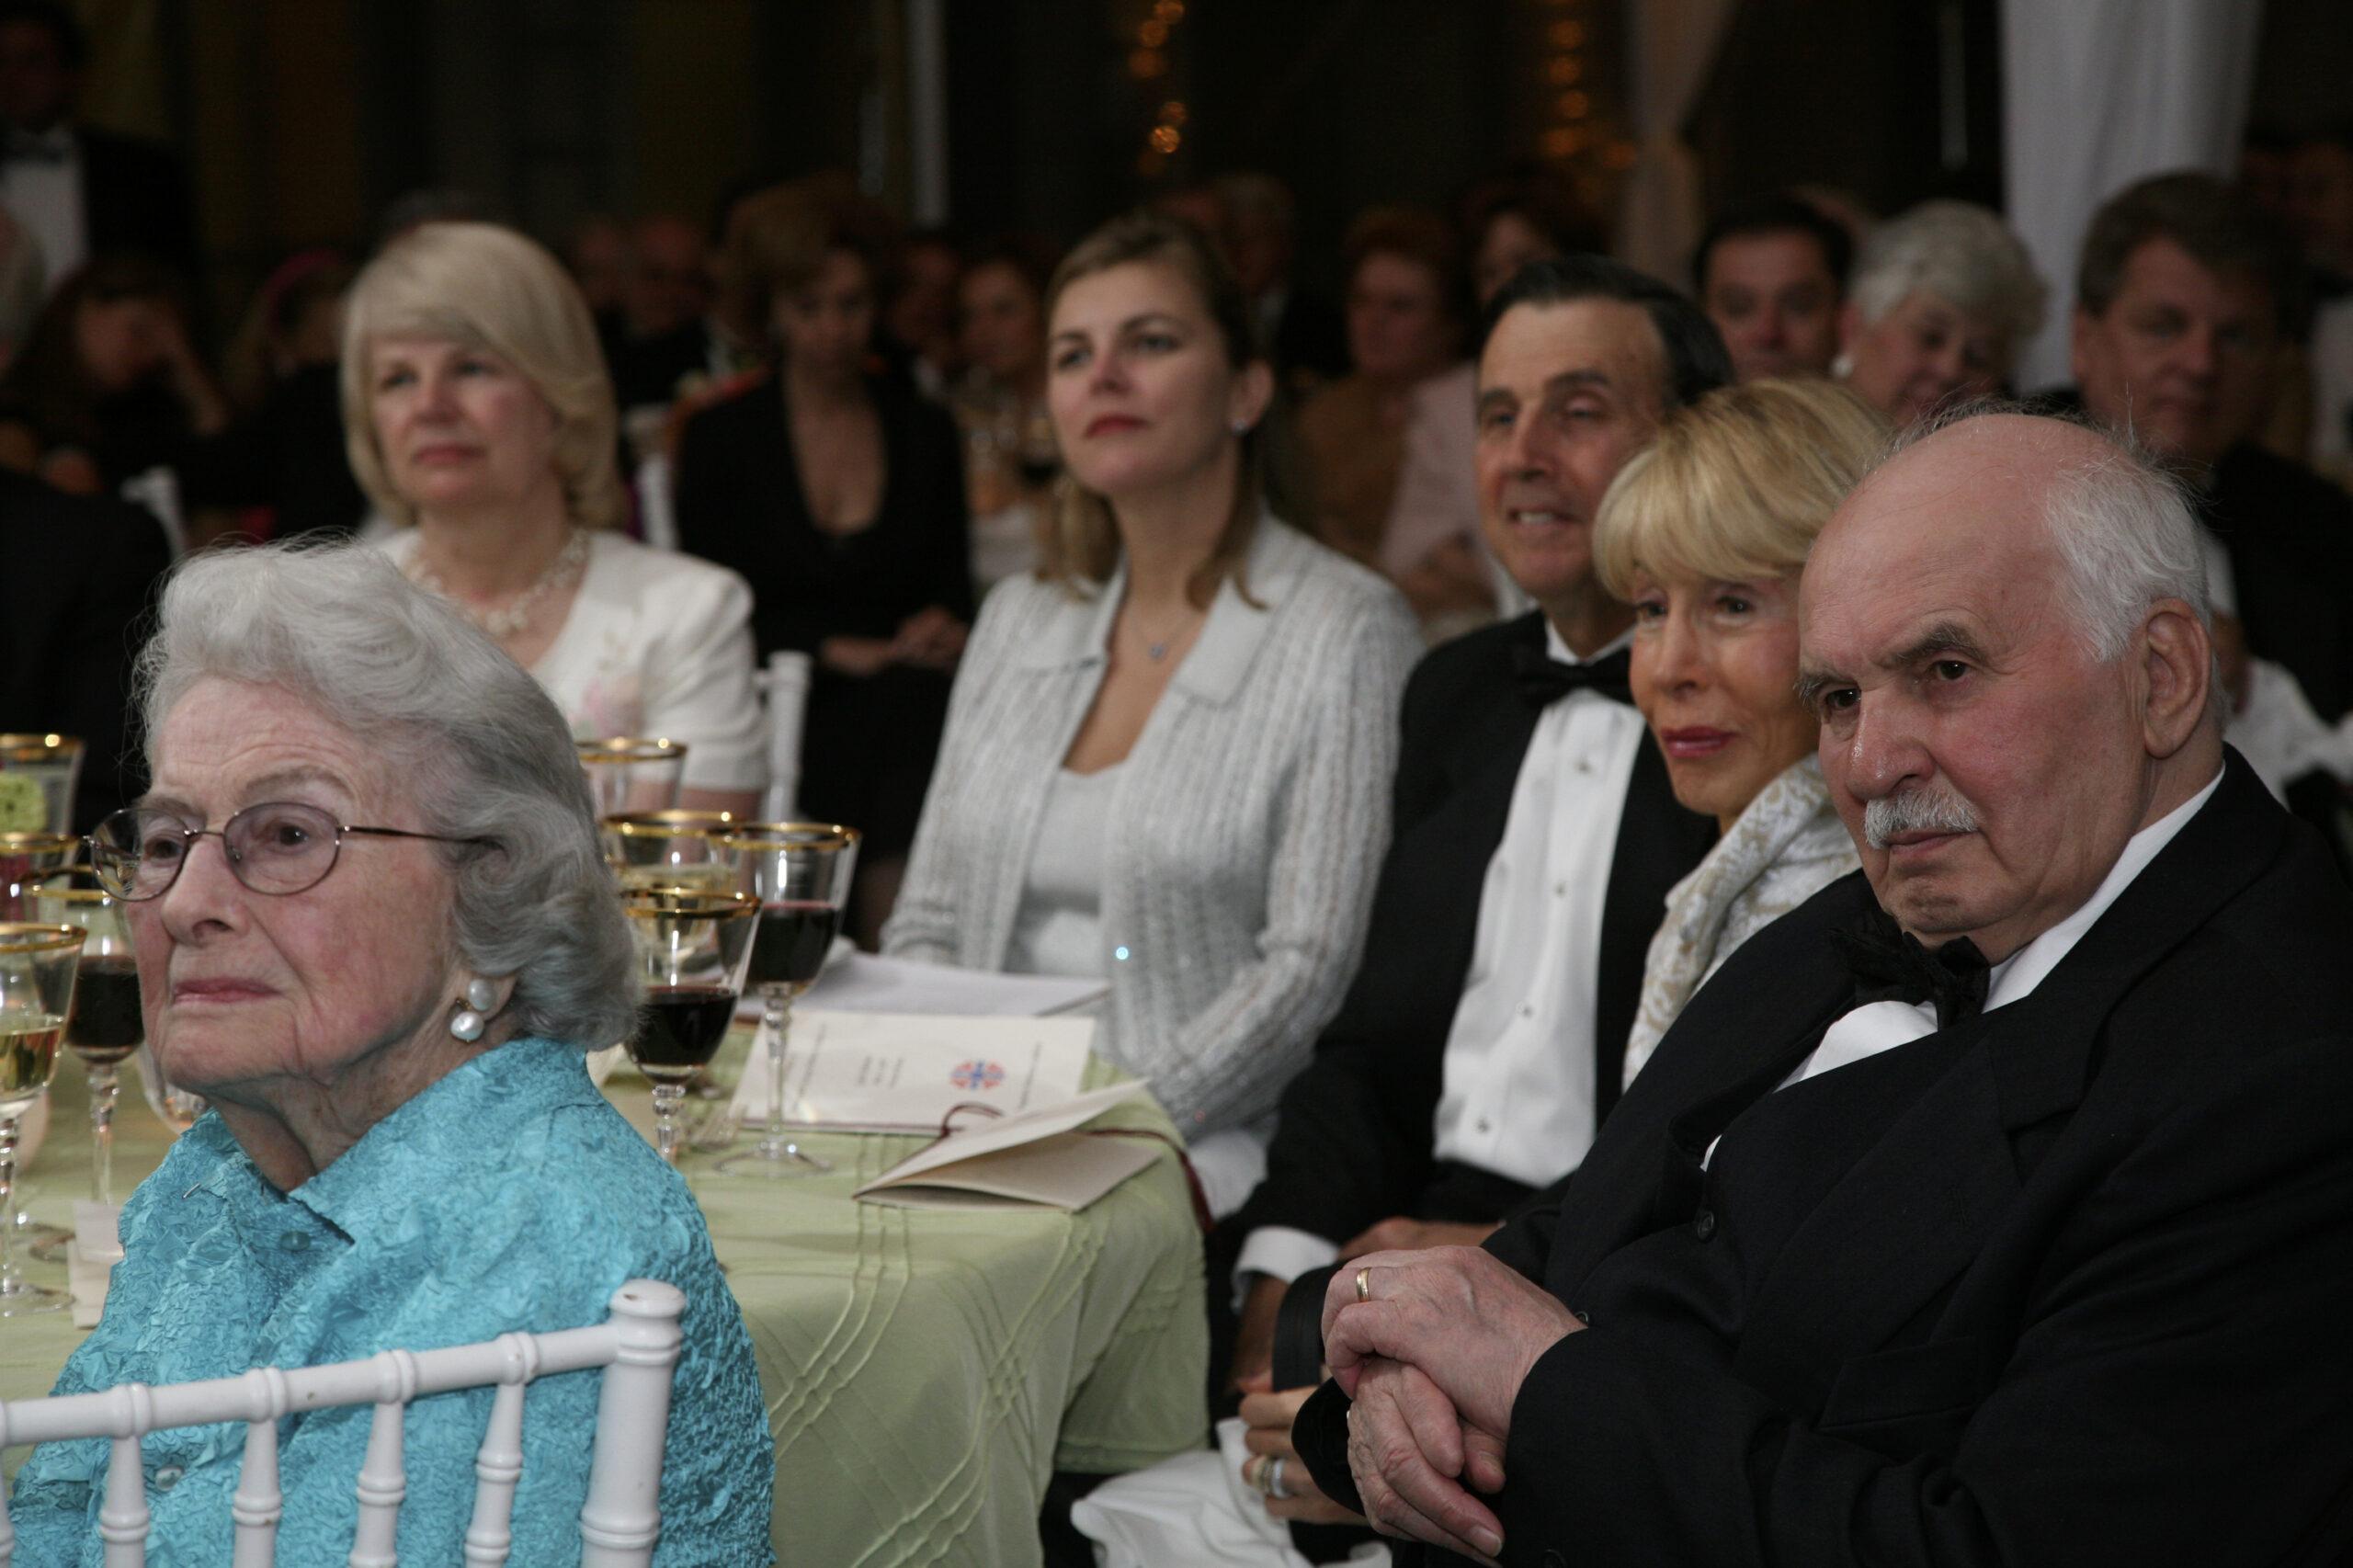 Mrs. Linda Horvath, Mrs. Andrea Lauer Rice, Mr. George Walker Resor, Mrs. Ina Ginsburg, Mr. Janos Horvath, Mrs. Louise Walker Resor